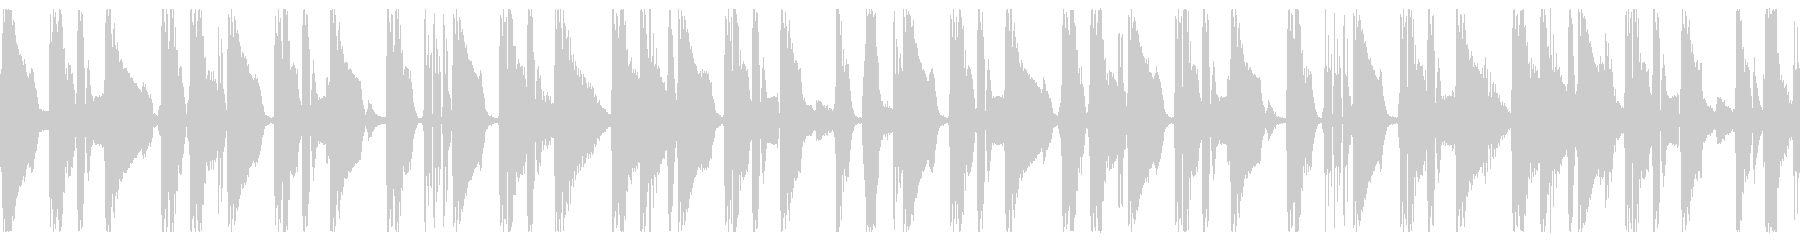 Jazz風なシンプルBGMループですの未再生の波形